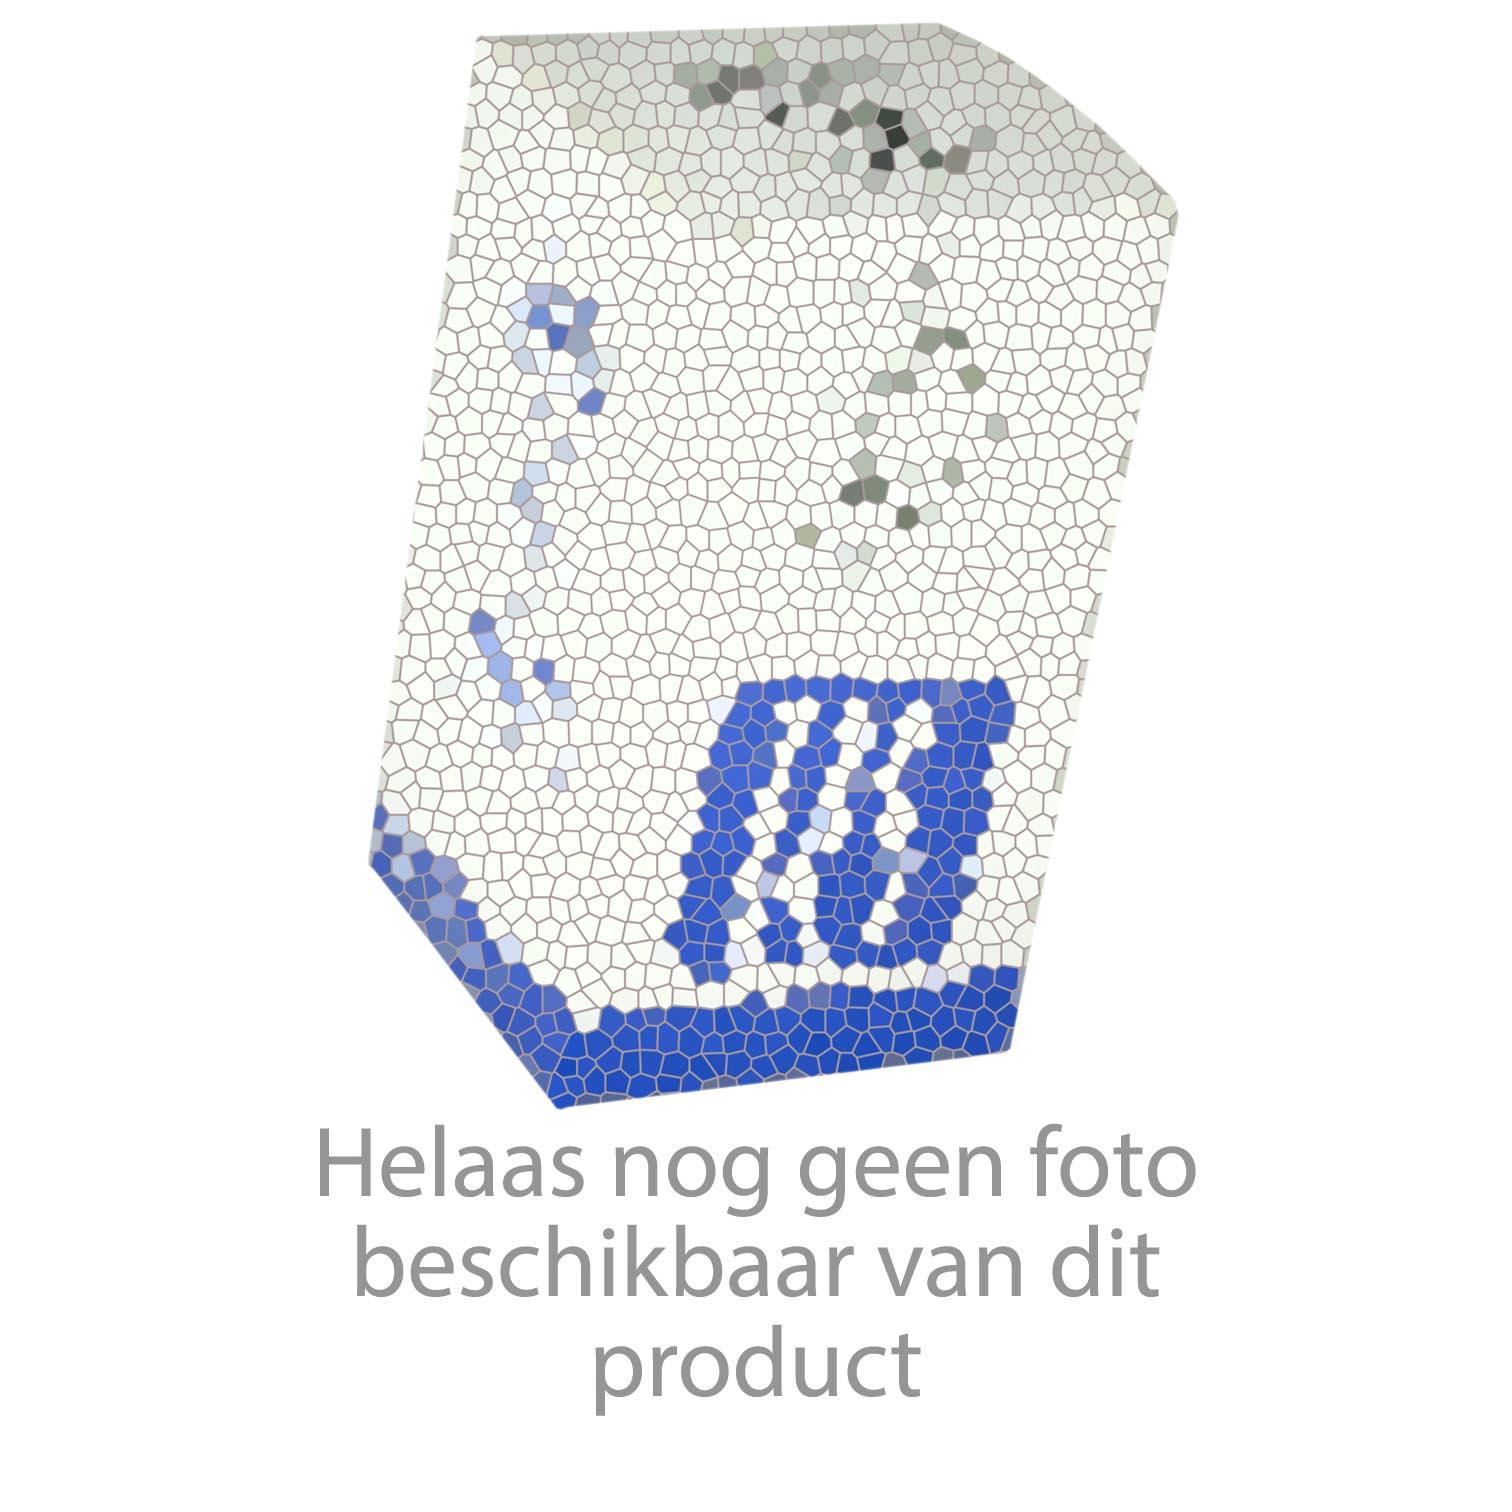 Dekorado / Lavanto®  / Paini Onderdelen Ovetto keukenkraan Chroom / RVS-Look / Wit / Zwart / Grafiet 250024 / 250927 / 250048 / 250049 / 250164